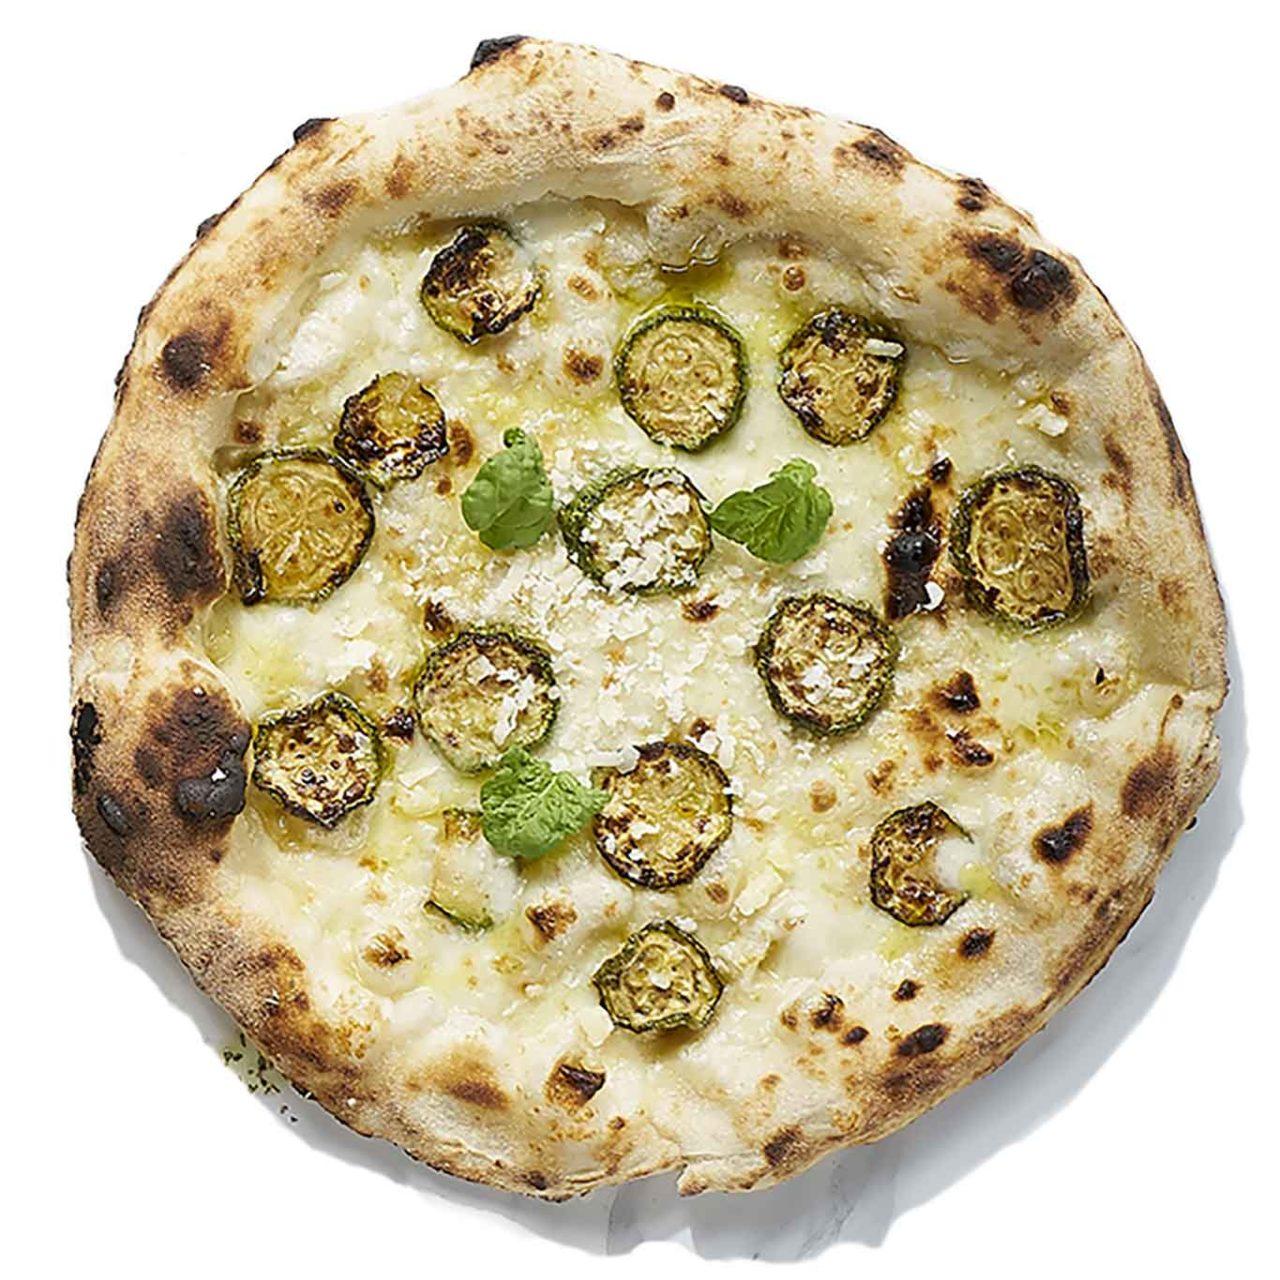 Gina Pizza asporto e consegna a domicilio pizzeria Ercolano pizza nerano